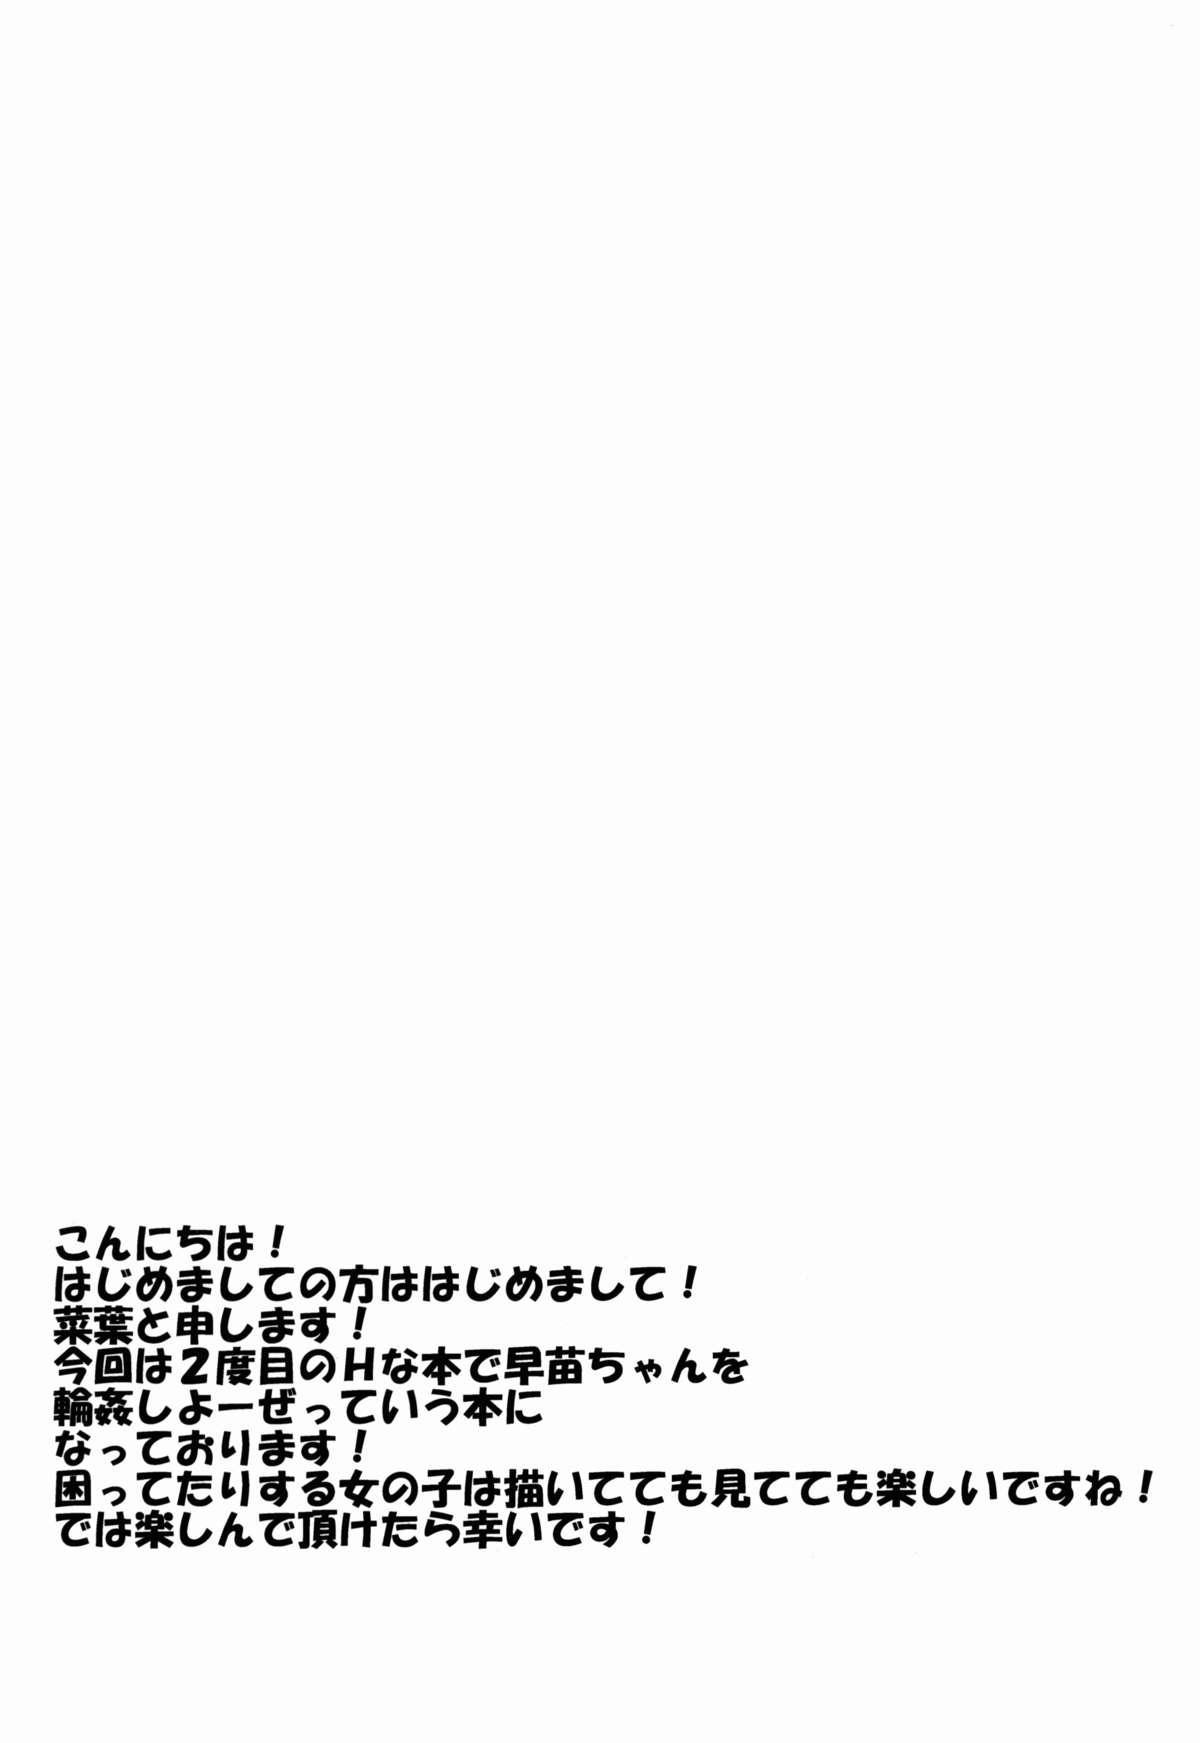 Sanae-chan Tsukamaeta 3